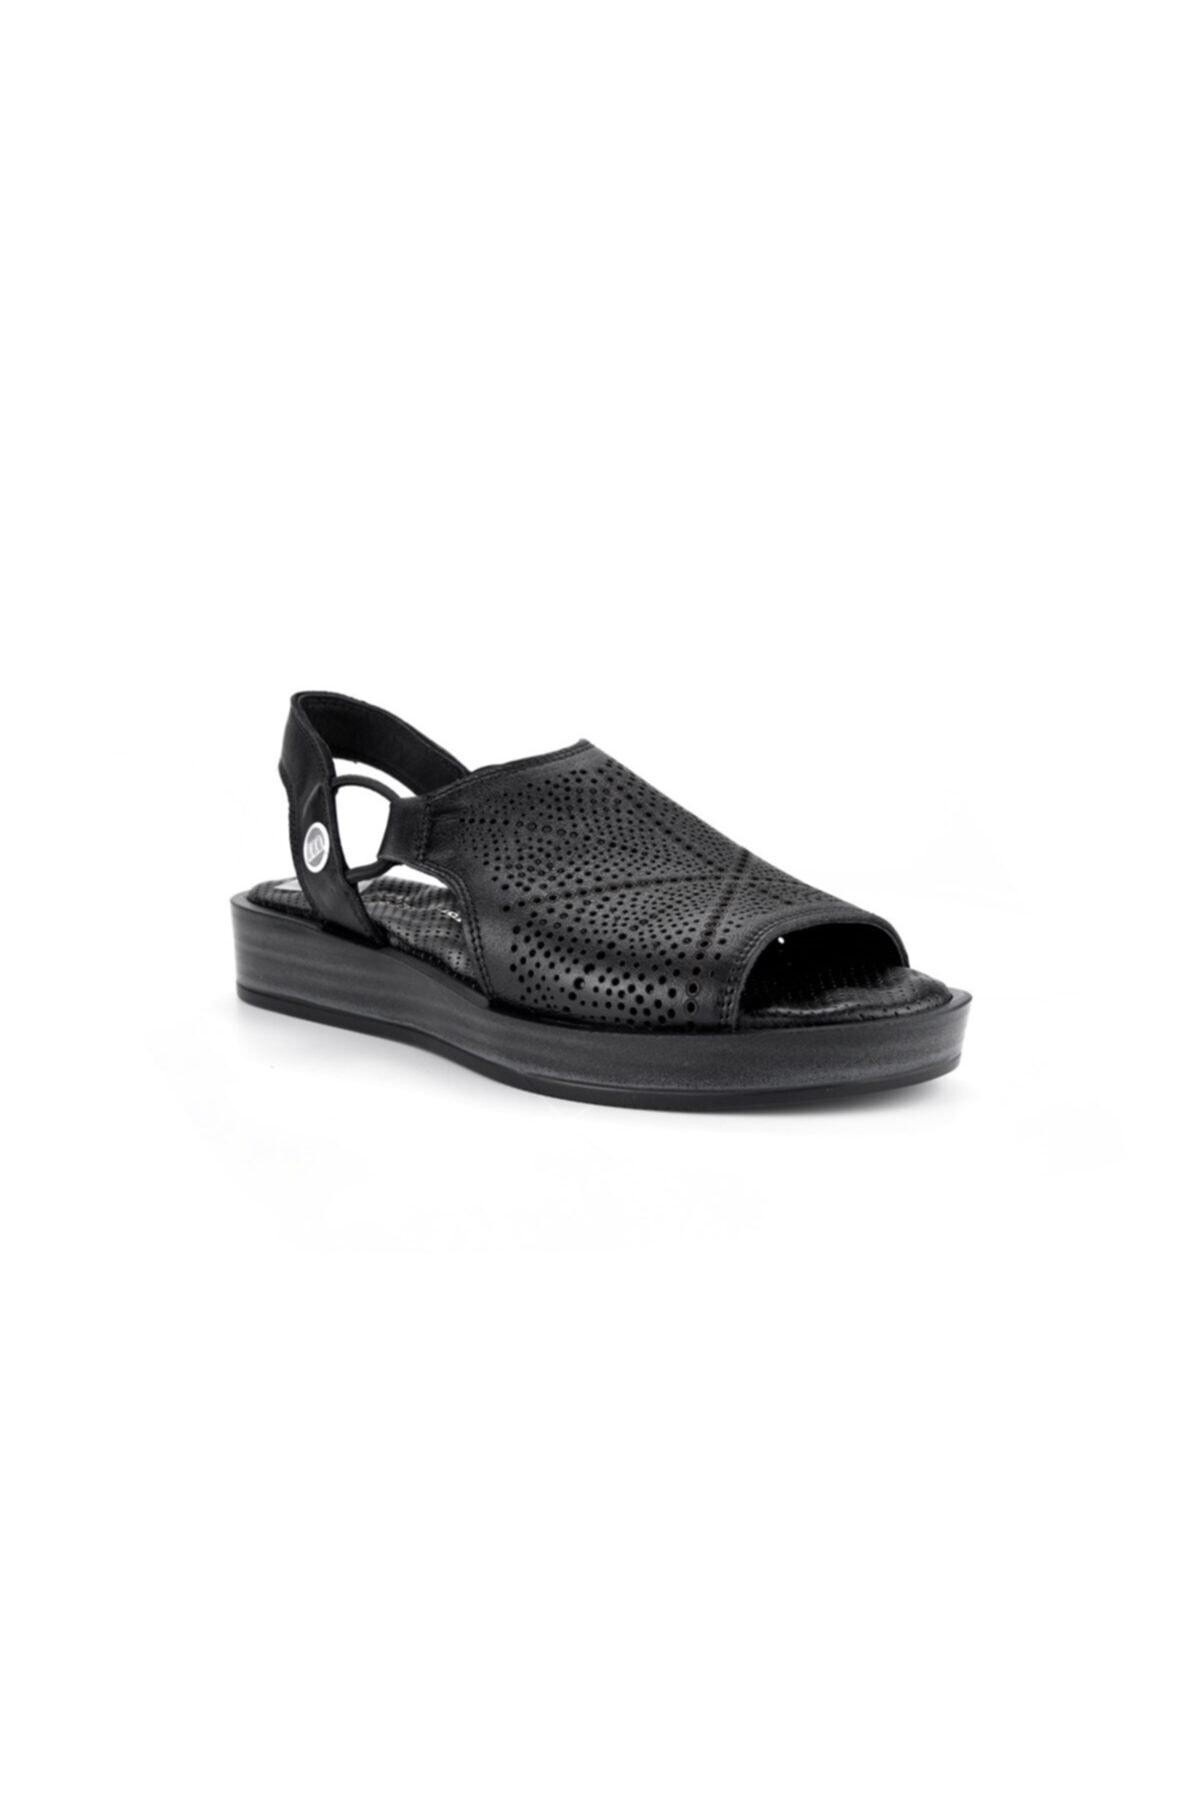 Mammamia Kadın Siyah Sandalet S1640 2